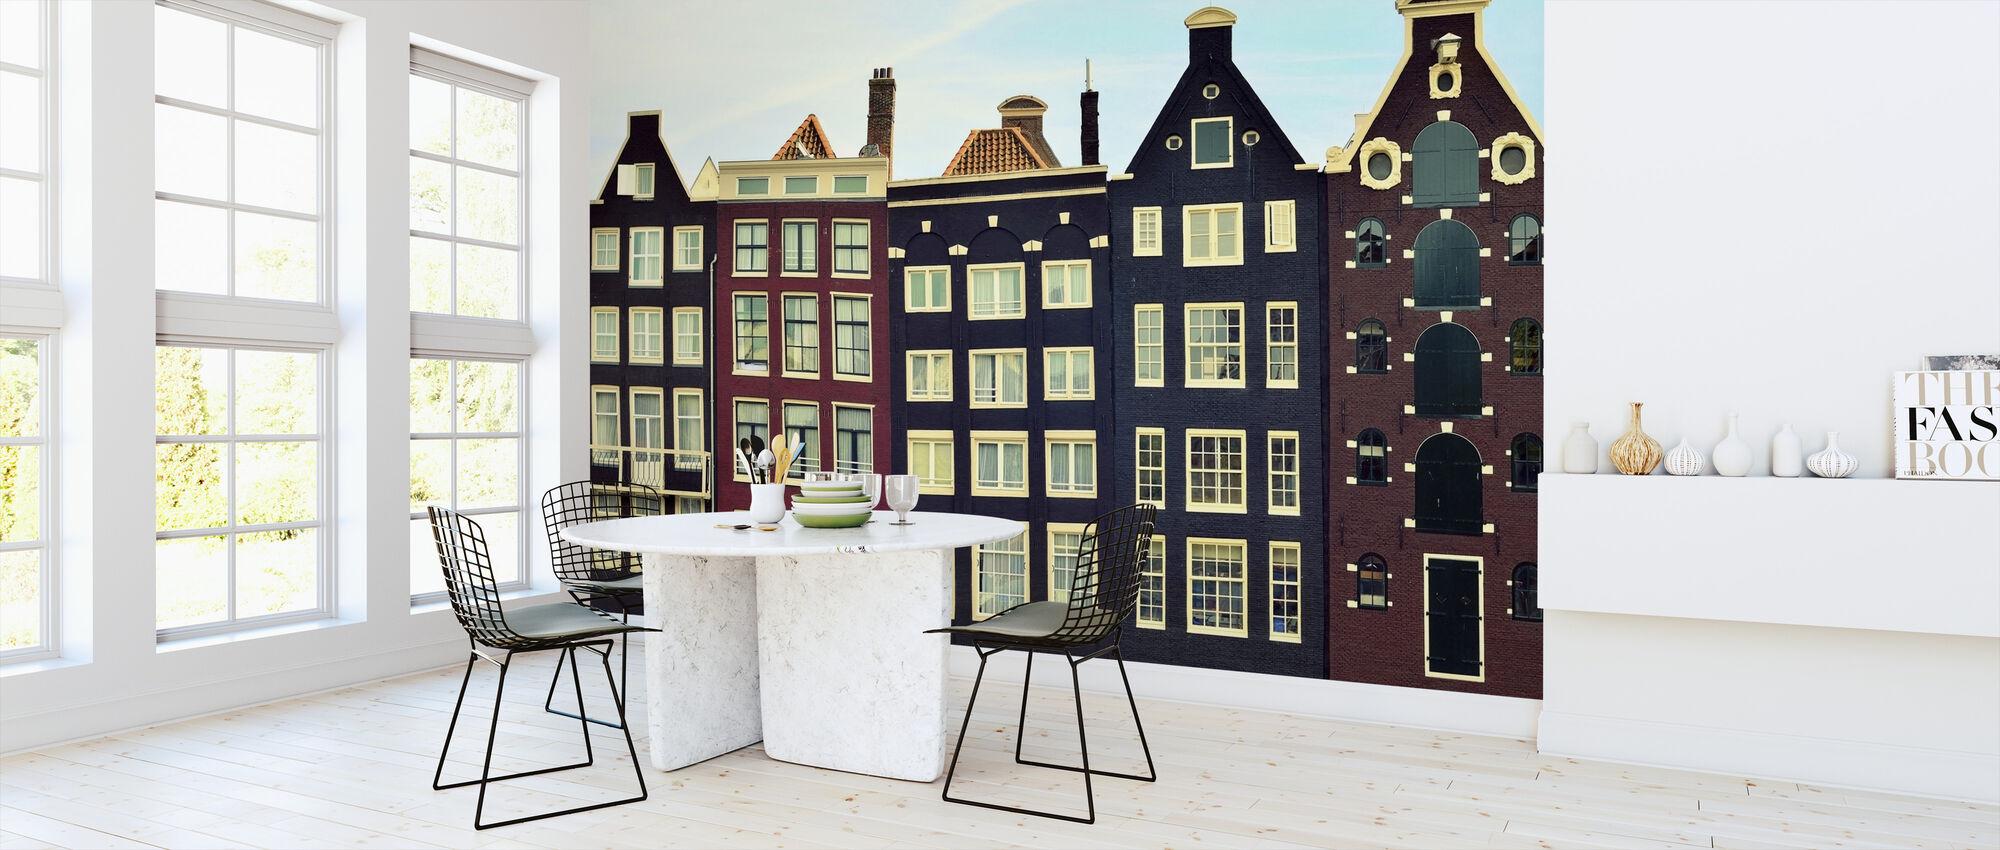 Amsterdam huse - Tapet - Køkken